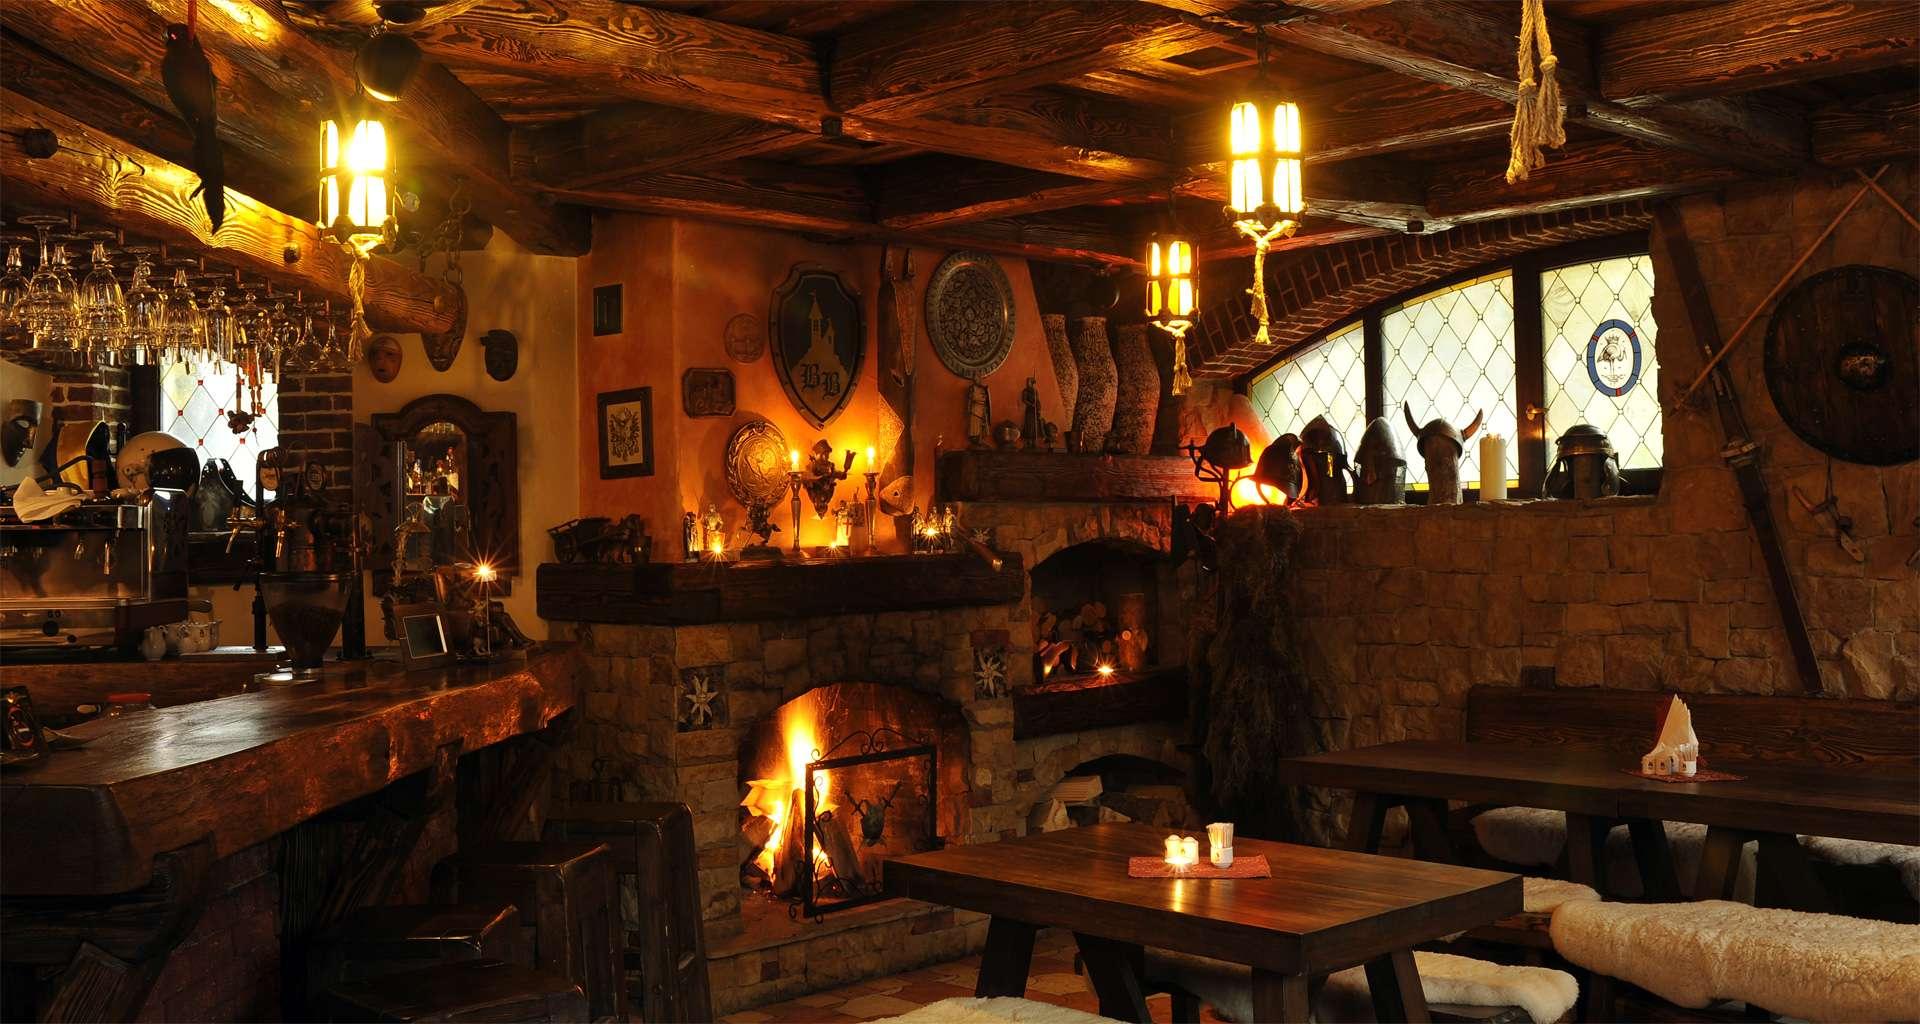 Barloga, a cozy bar in the Carpathians